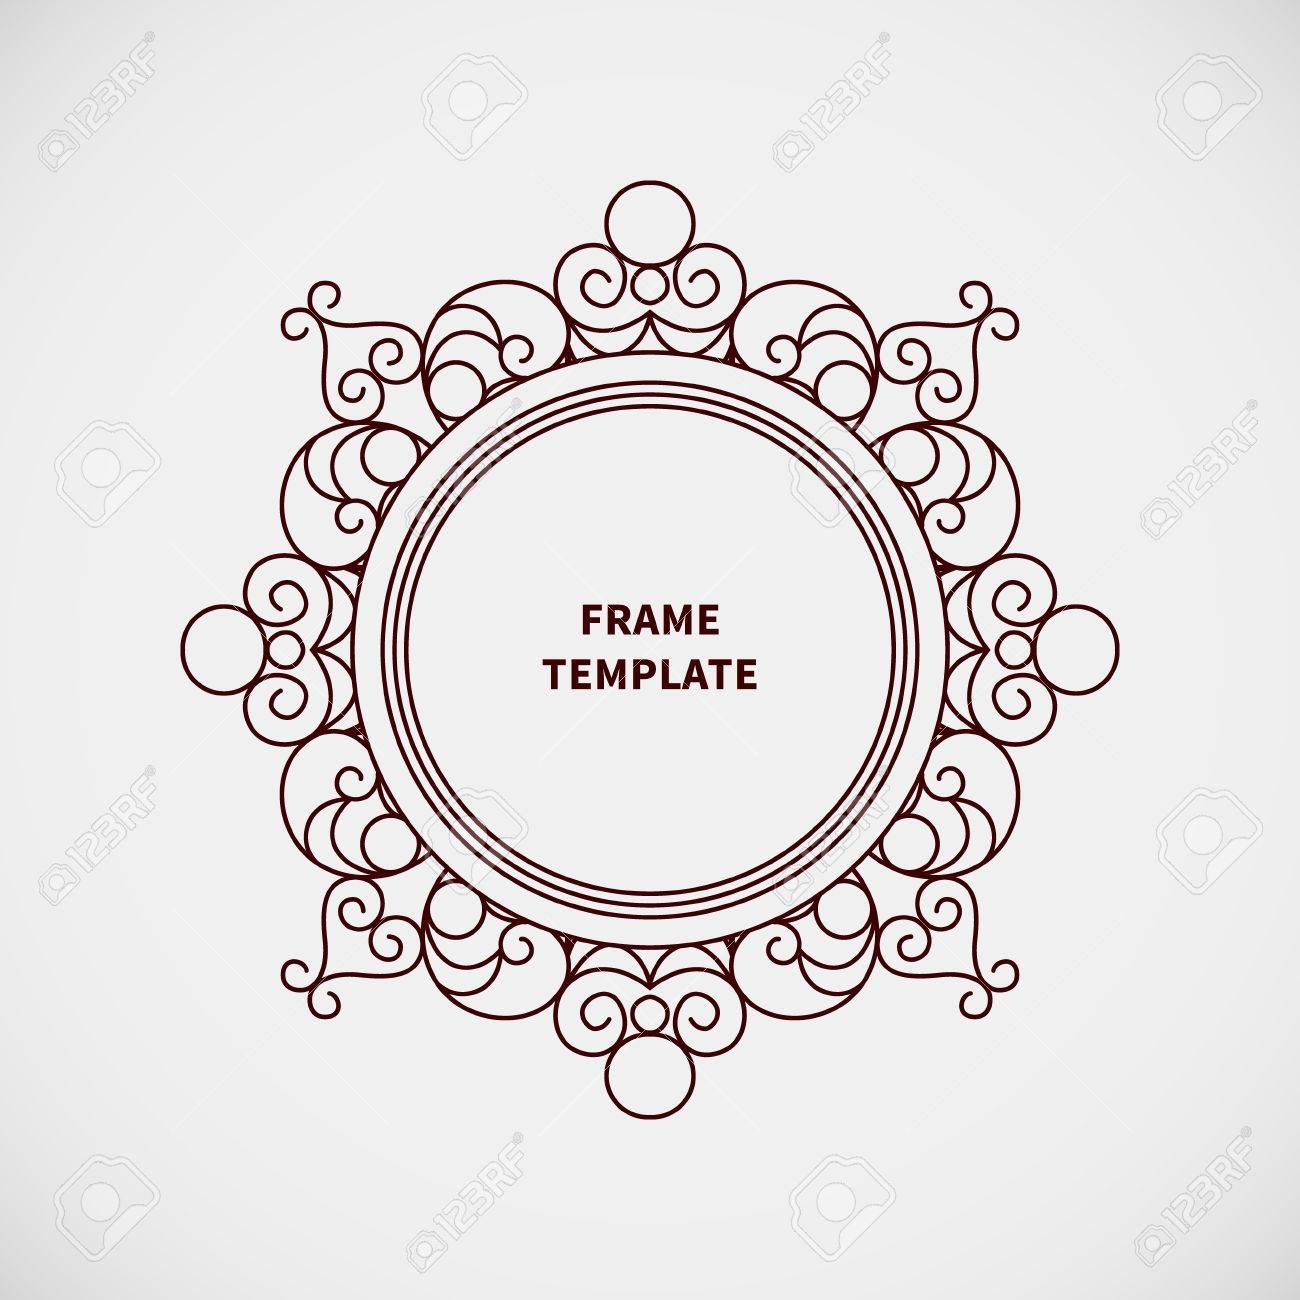 40403207 Vector decorative line art frame for design template Elegant element for logo design place for text Stock Vector vector decorative line art frame for design template elegant on frame outline template